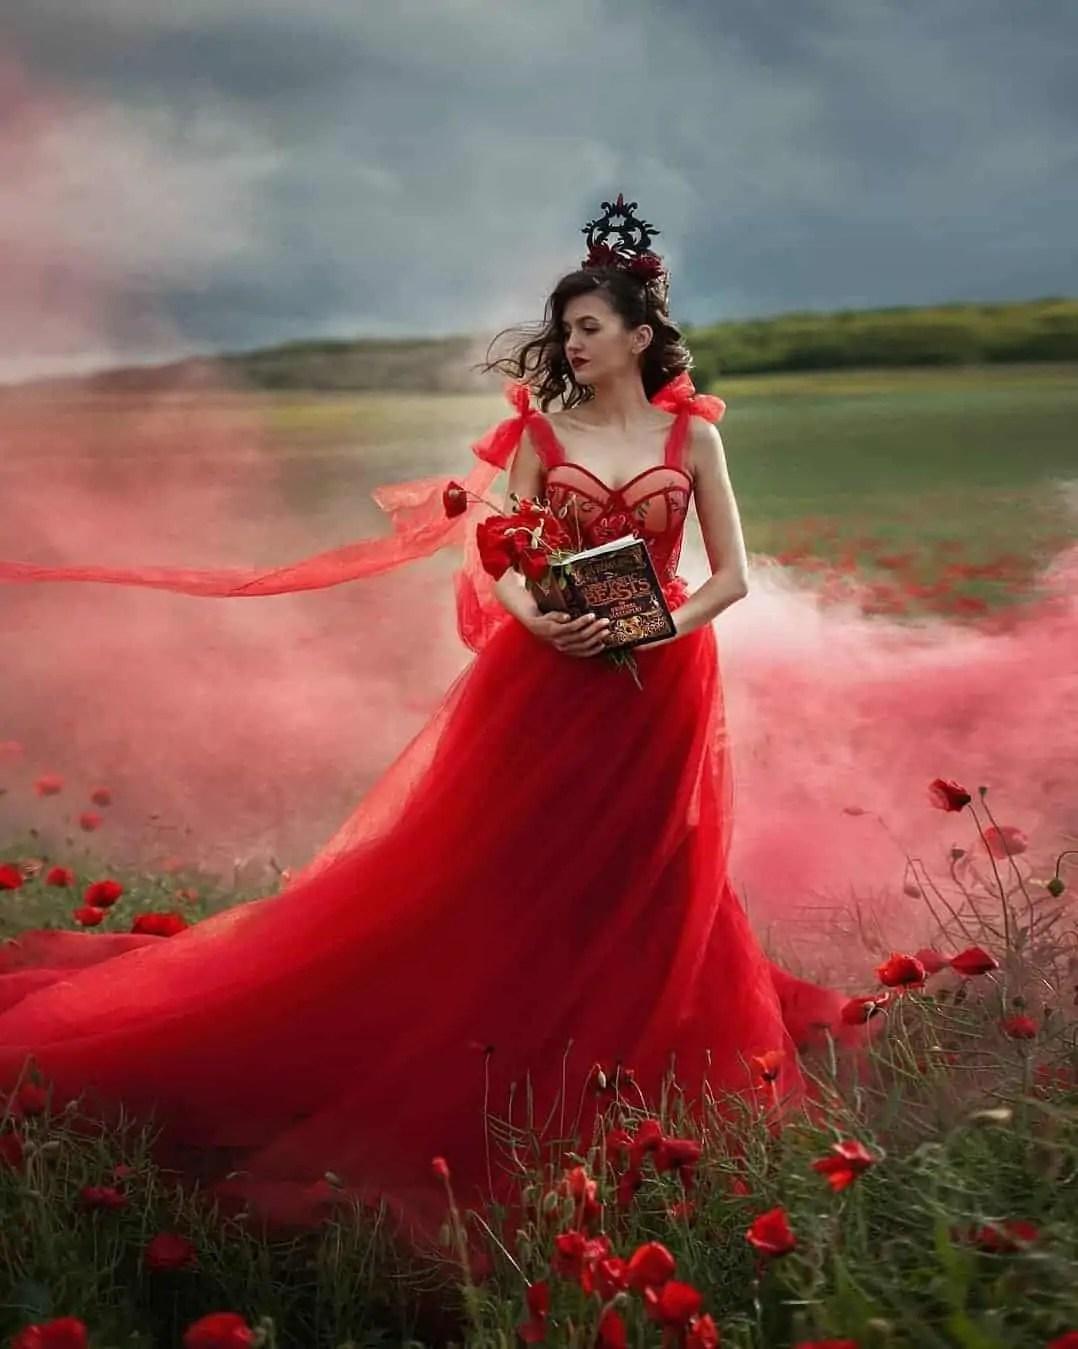 fashion_lover.66_13474671020640139203964201352426095401039326n 5